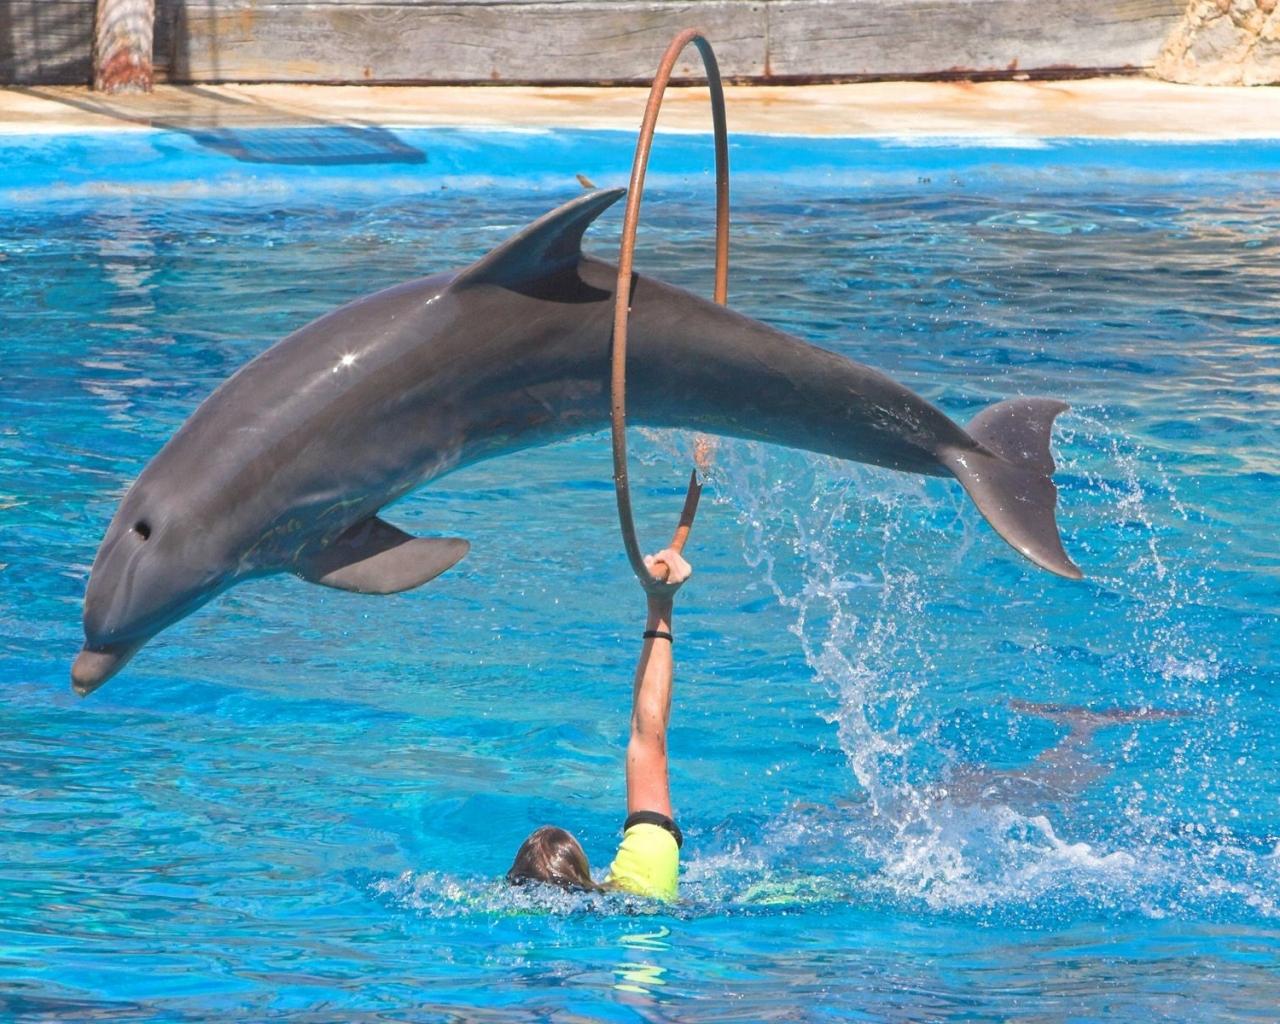 Saltos de delfines - 1280x1024